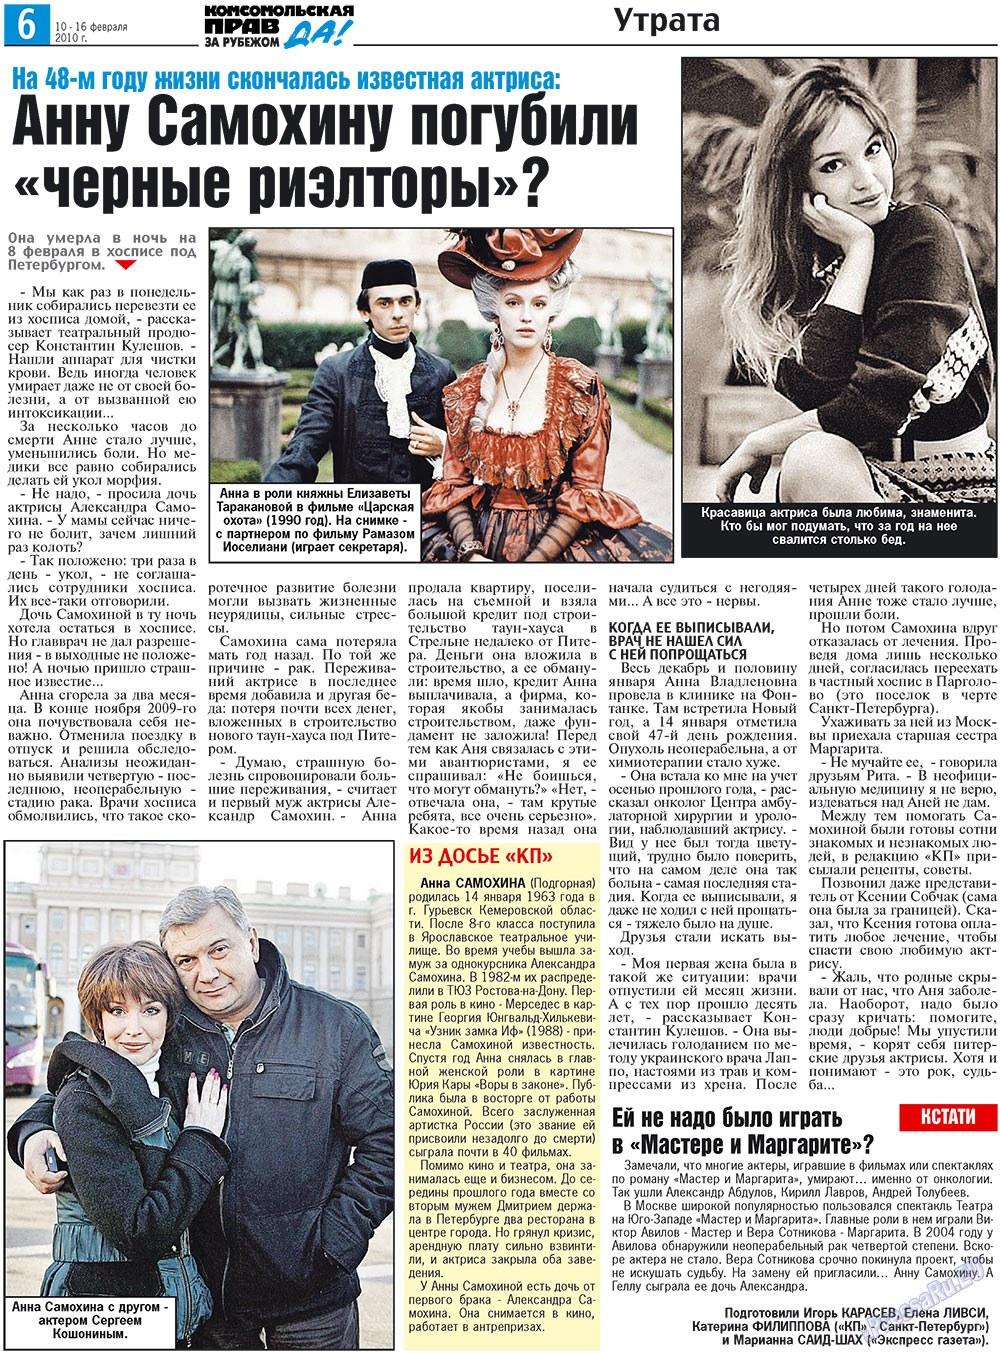 Наша Газета Ирландия (газета). 2010 год, номер 6, стр. 14